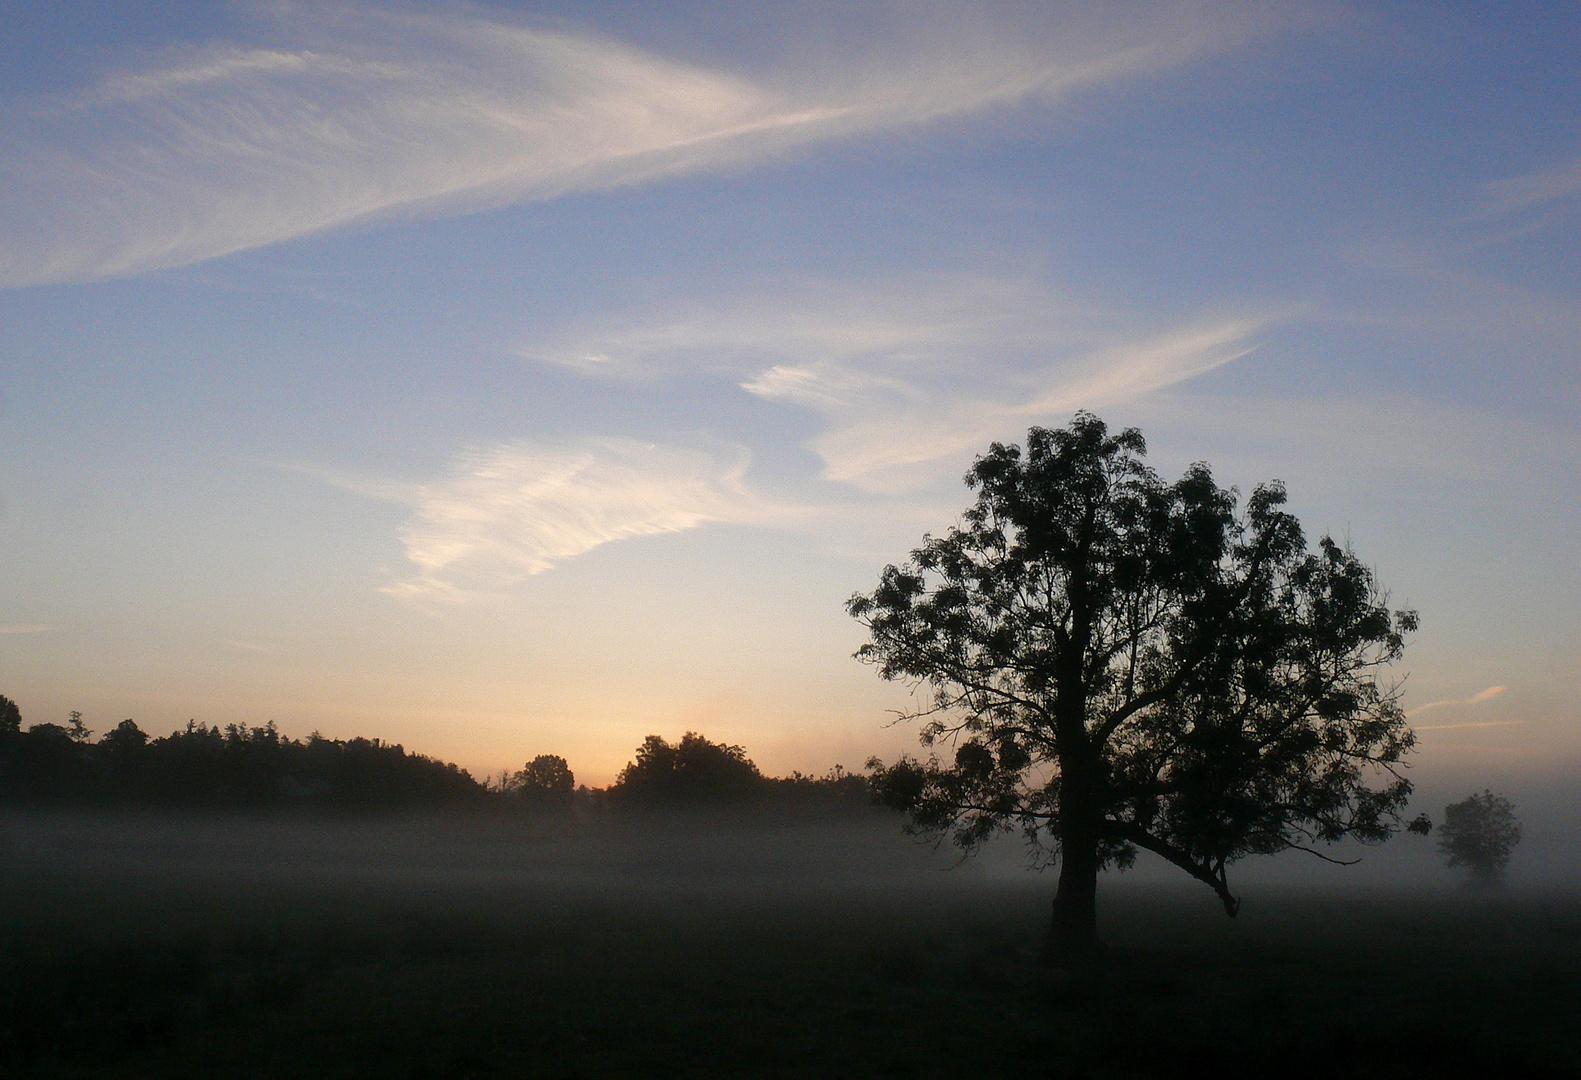 Morgen-Nebel-Stimmung